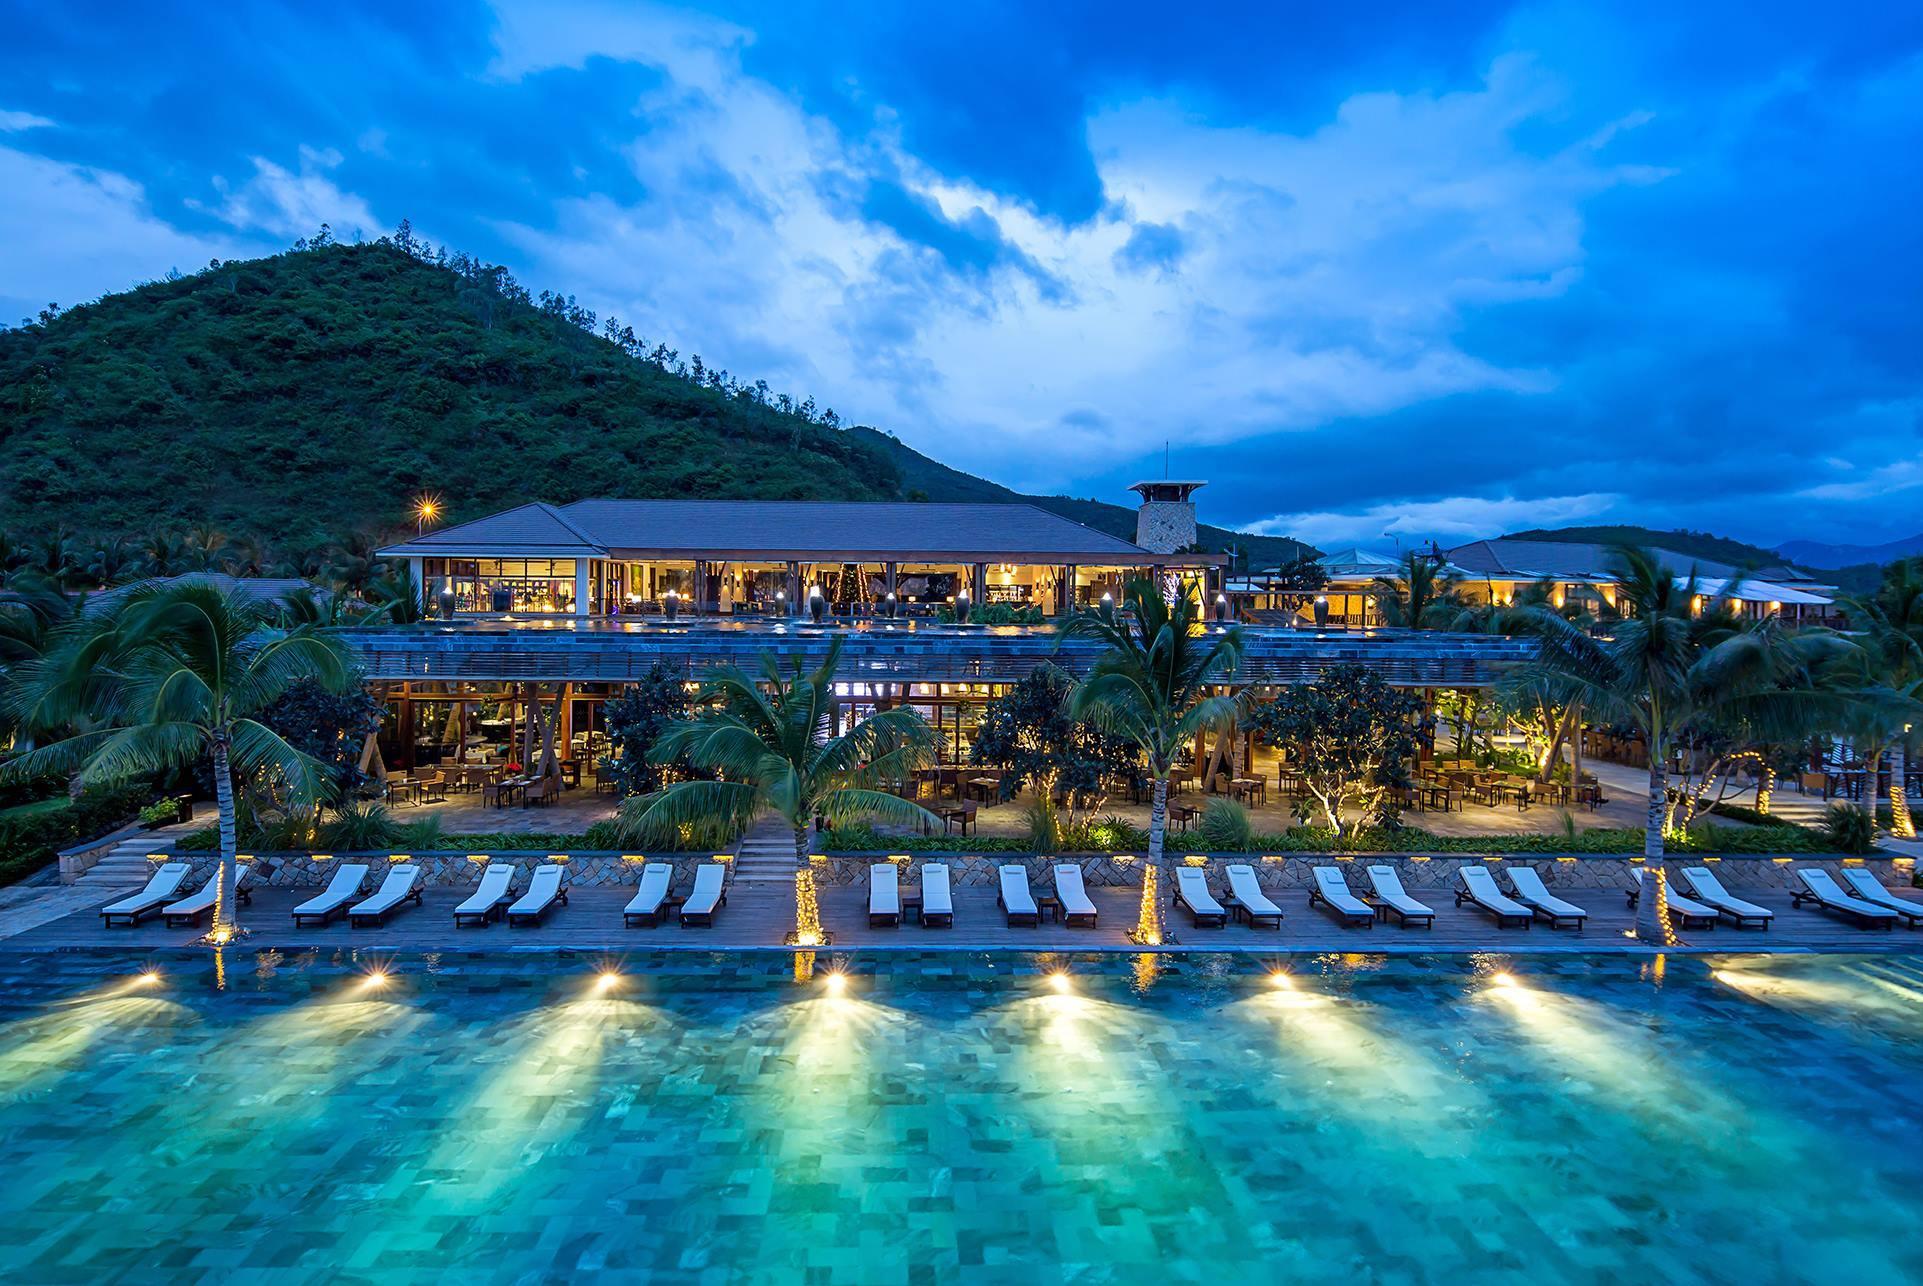 Resort Nha Trang Cho Gia Đình - Amiana Resort Nha Trang